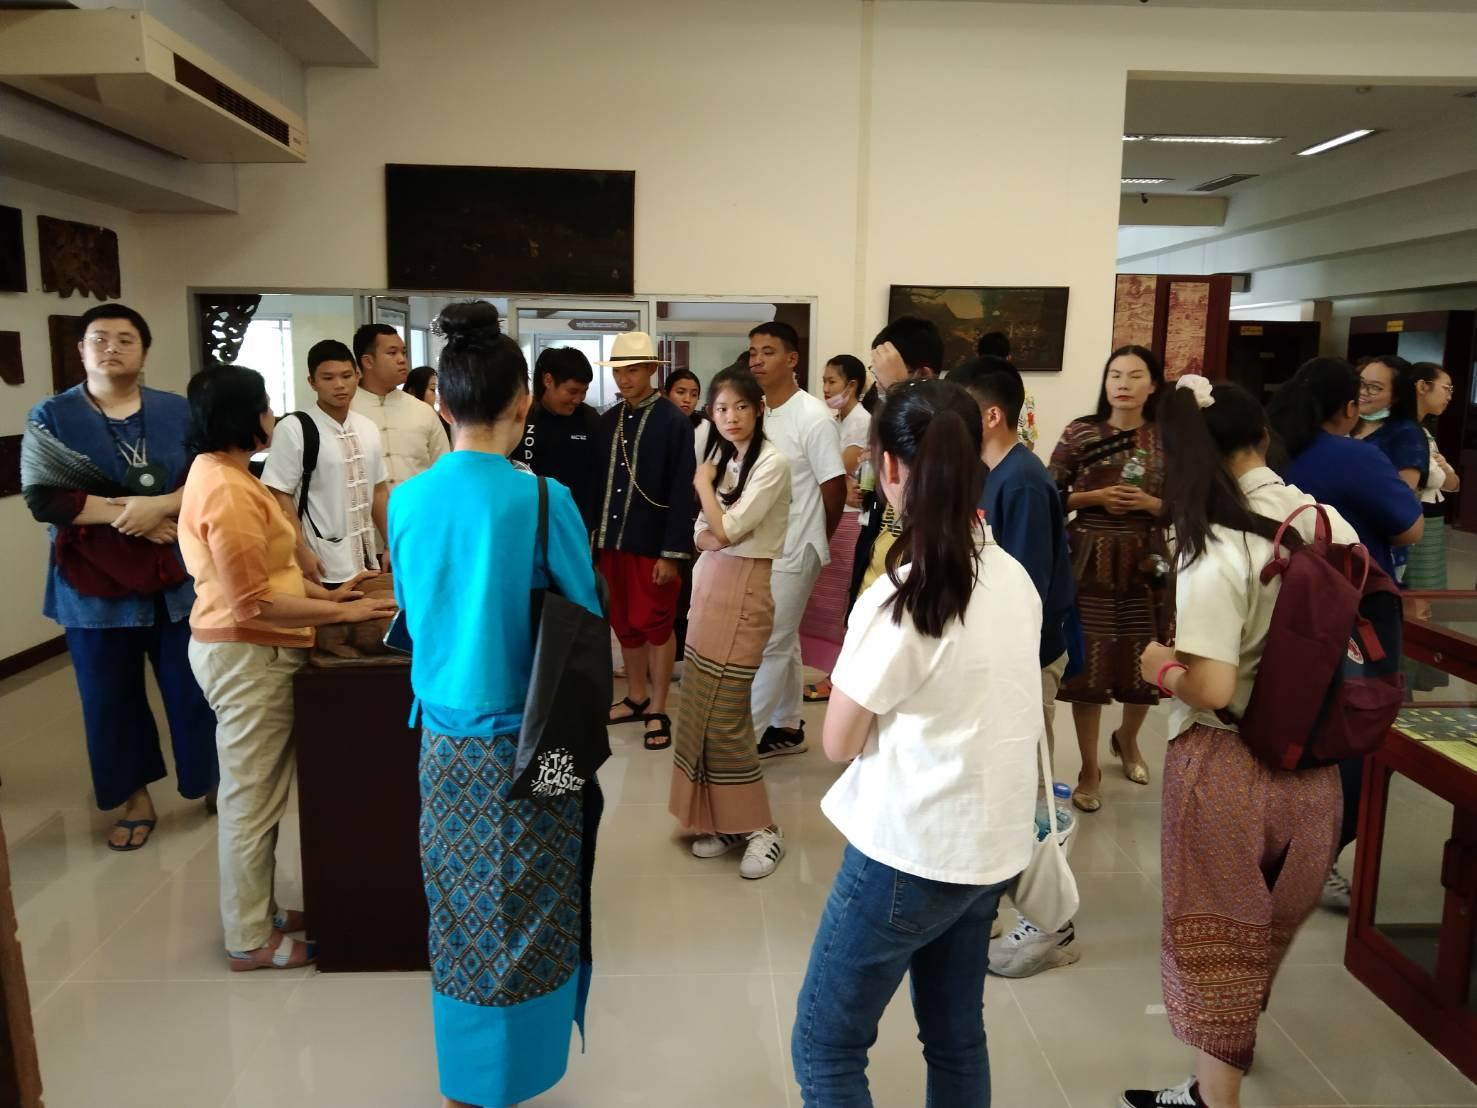 คณะครู และนักเรียนโรงเรียนมงฟอร์ตวิทยาลัย ตำบลท่าศาลา อำเภอเมืองเชียงใหม่ จำนวน ๓๔ คน เข้าเยี่ยมชมห้องหนังสือท้องถิ่น ห้องภาษาโบราณ และหอศิลปวัฒนธรรมภาคเหนือ